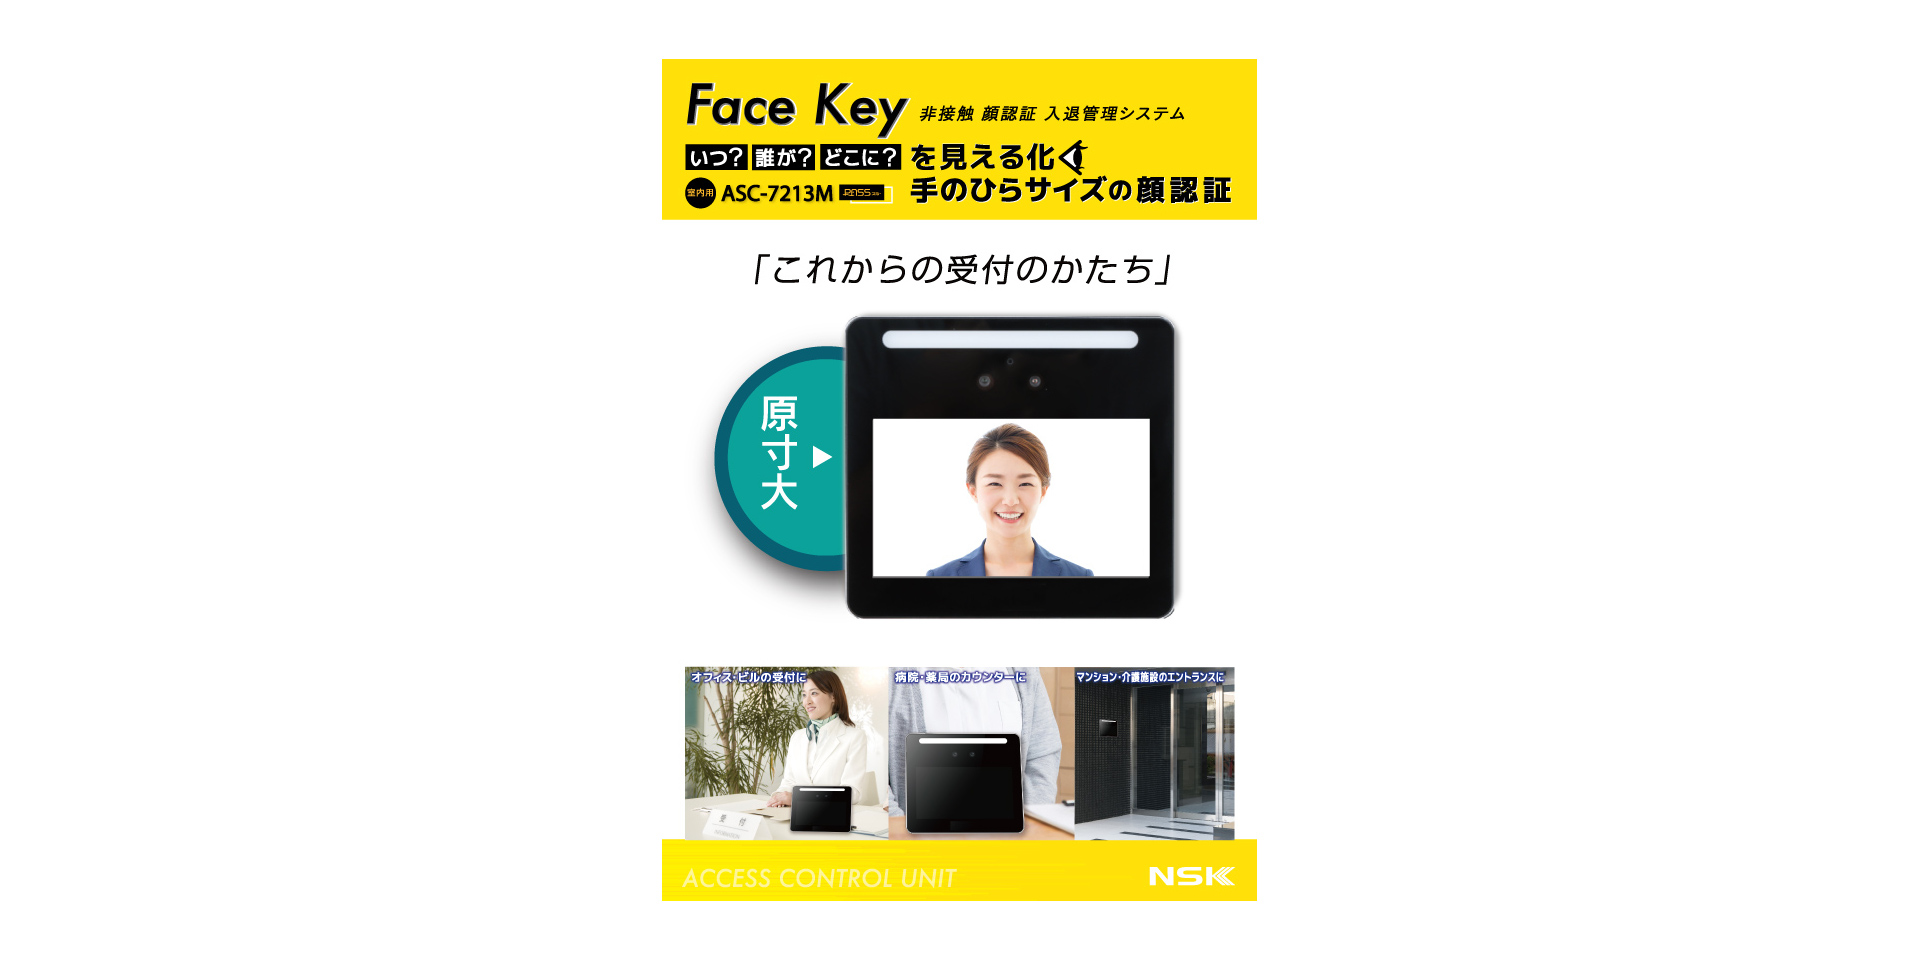 非接触顔認証入退室管理システム